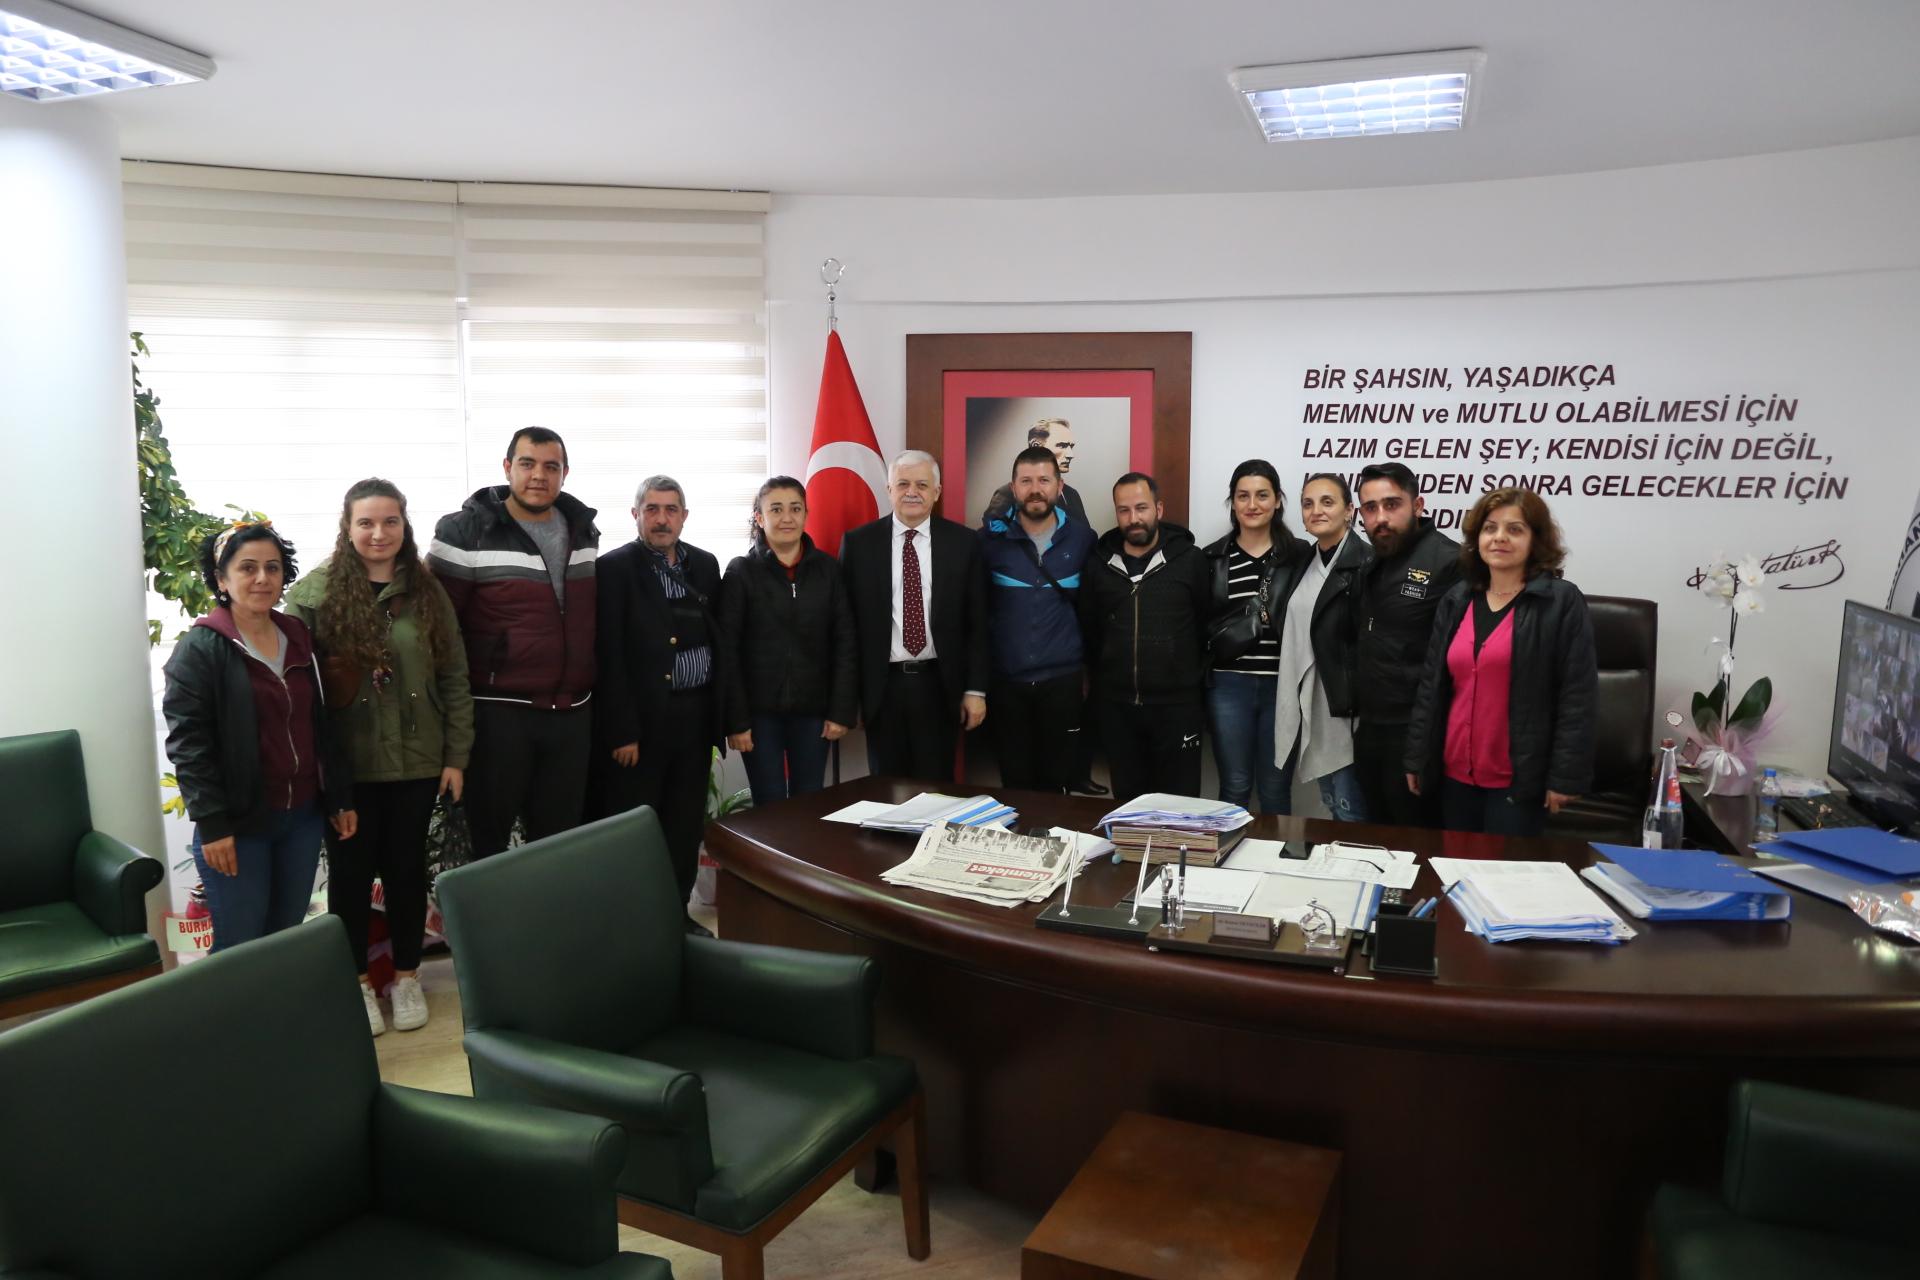 Misya Halk Oyunları Ekibinden Başkana Ziyaret